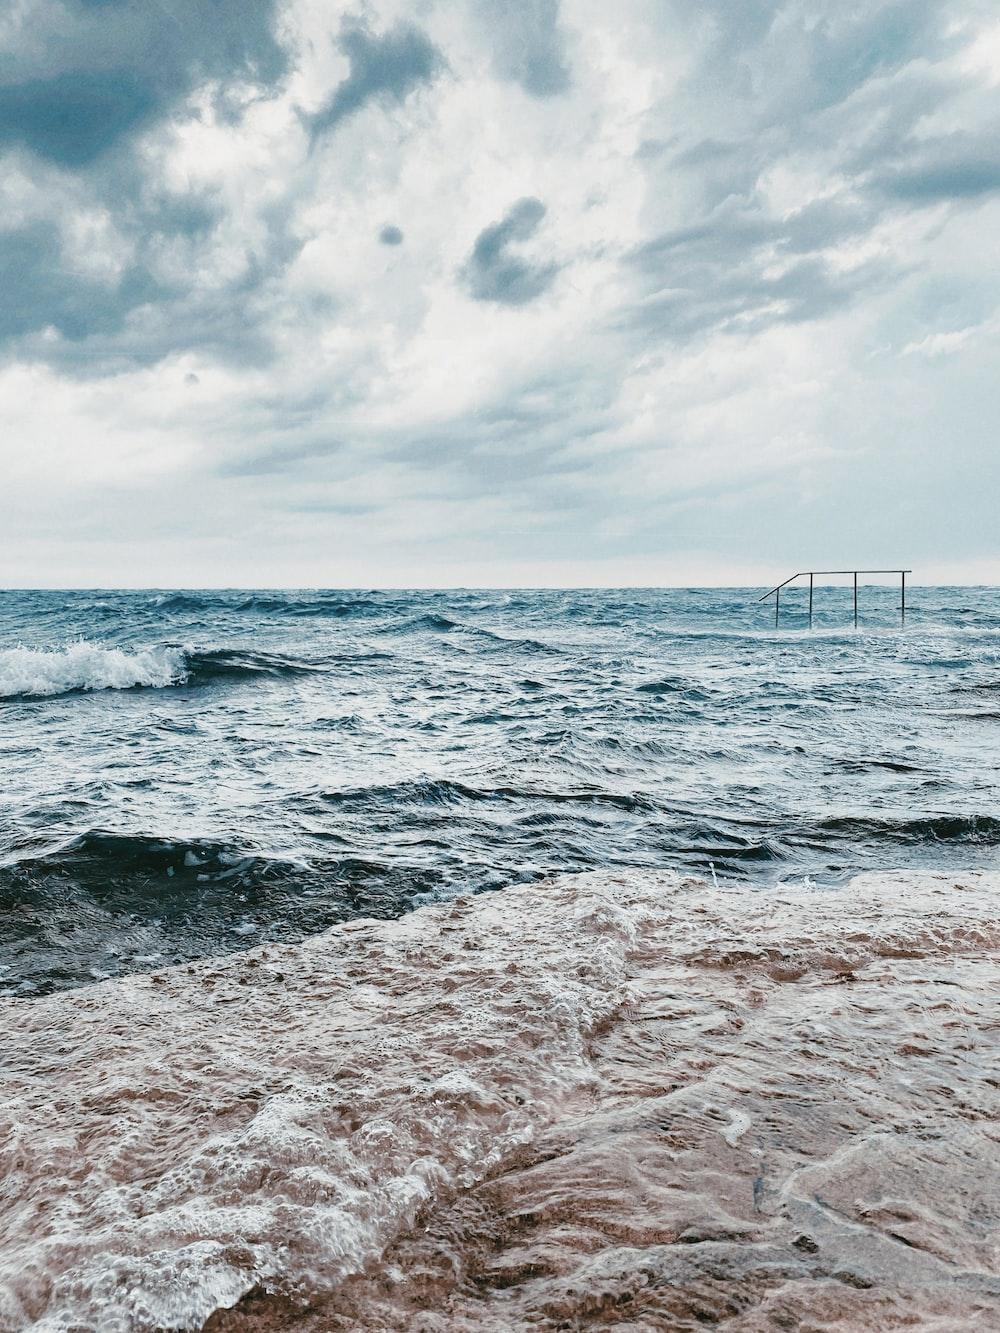 ocean waves crashing on beach shore during daytime